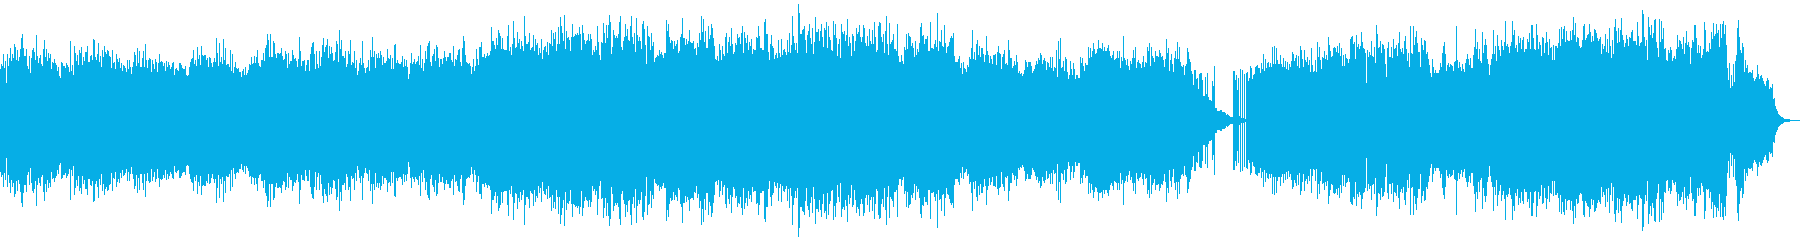 未来の技術 感情的 バラード テク...の再生済みの波形